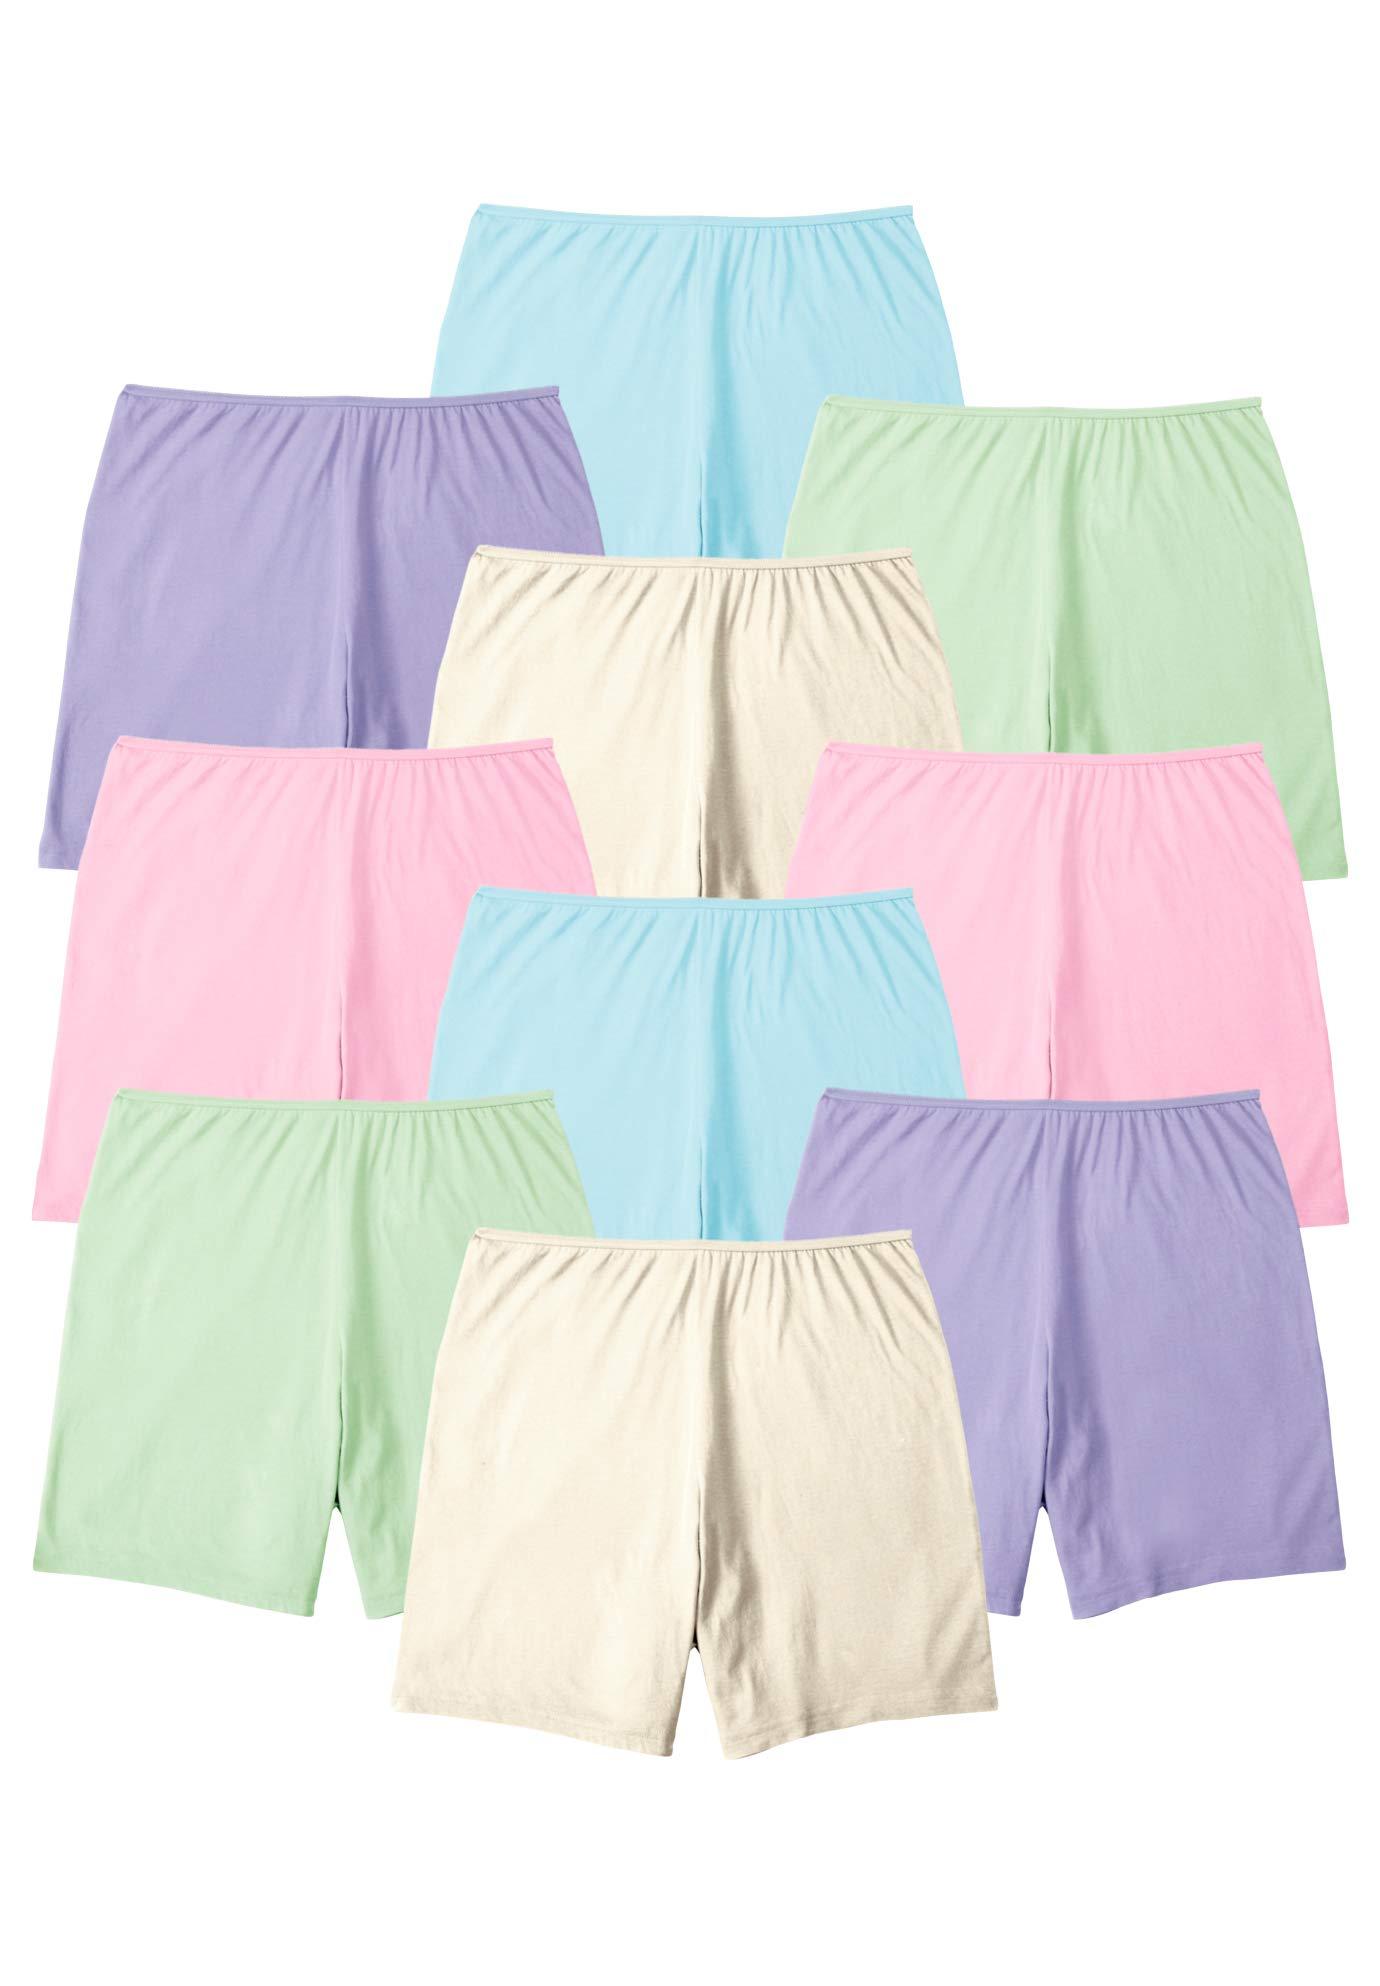 Comfort Choice Women's Plus Size 10-Pack Cotton Boyshort